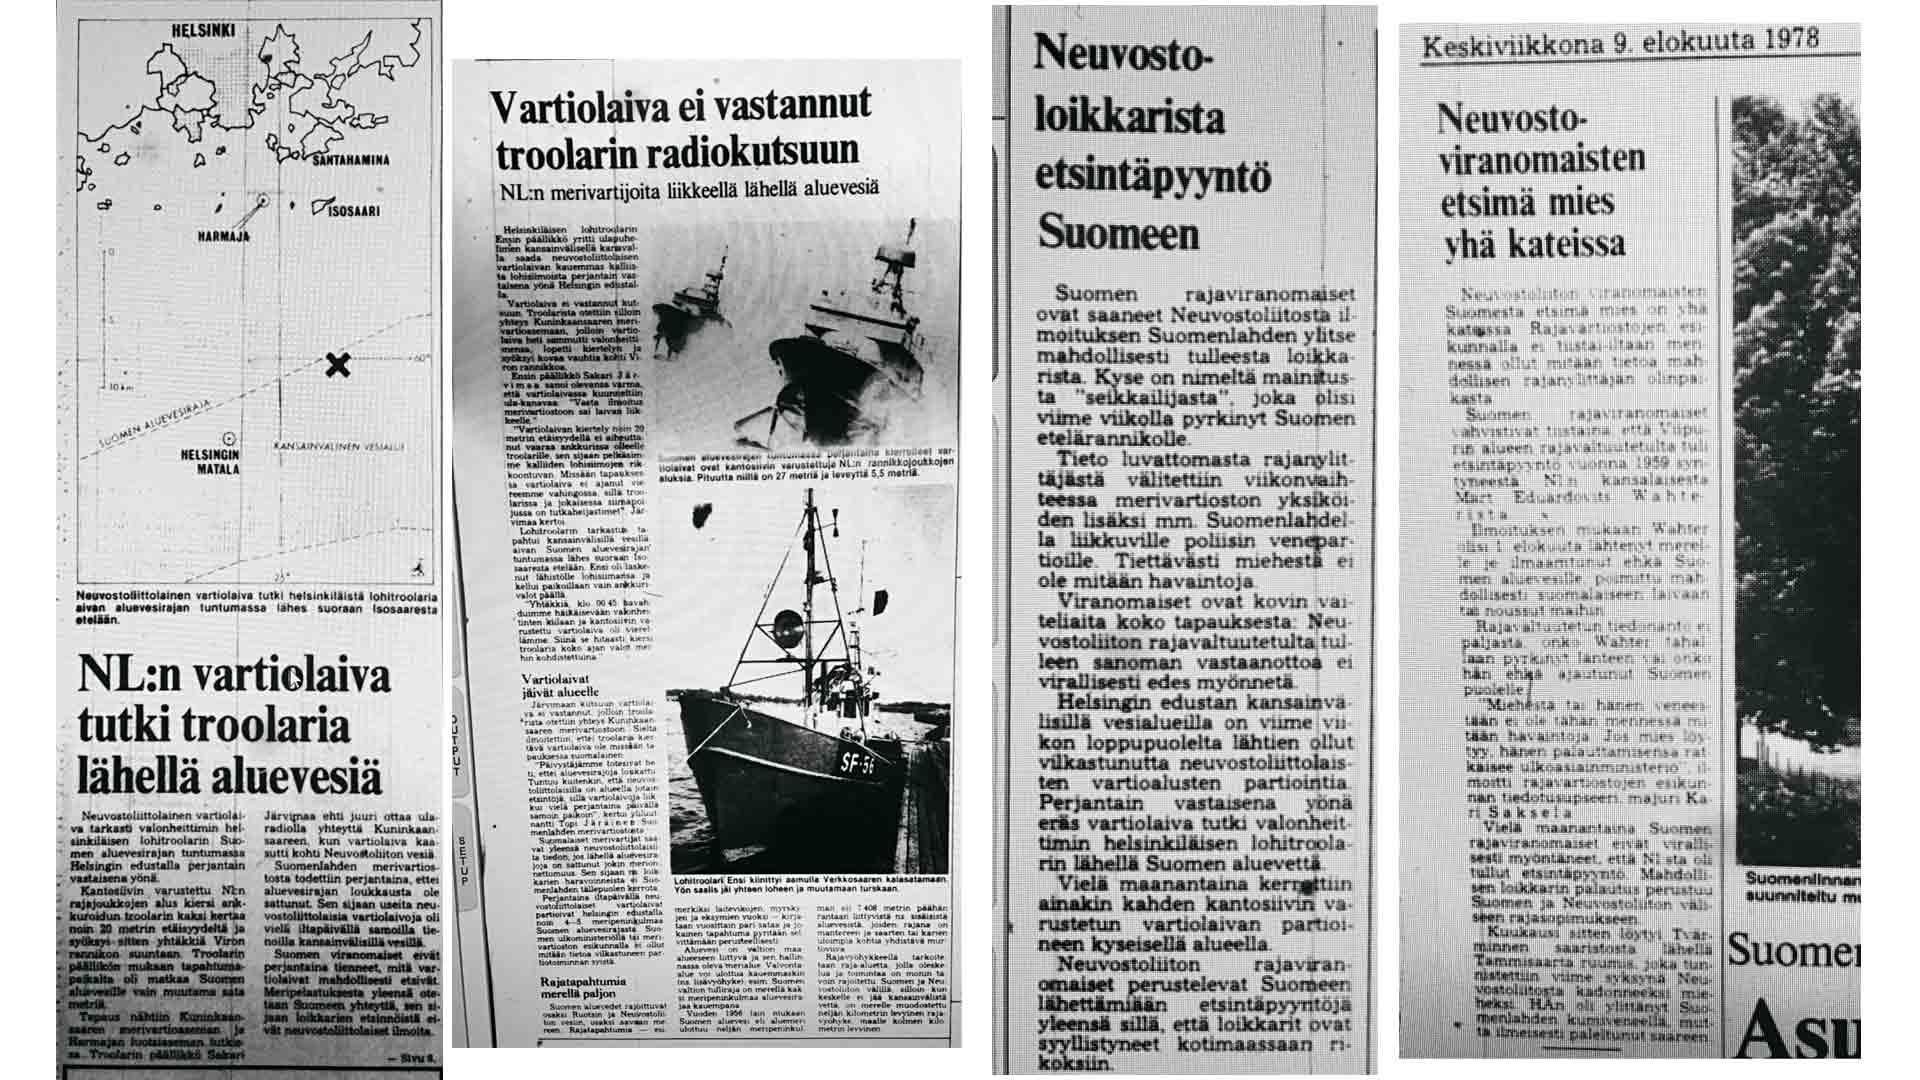 Helsingin Sanomat kirjoitti epäillystä loikkauksesta jo ennen kuin Neuvostoliitto teki tapauksesta virallisen ilmoituksen.